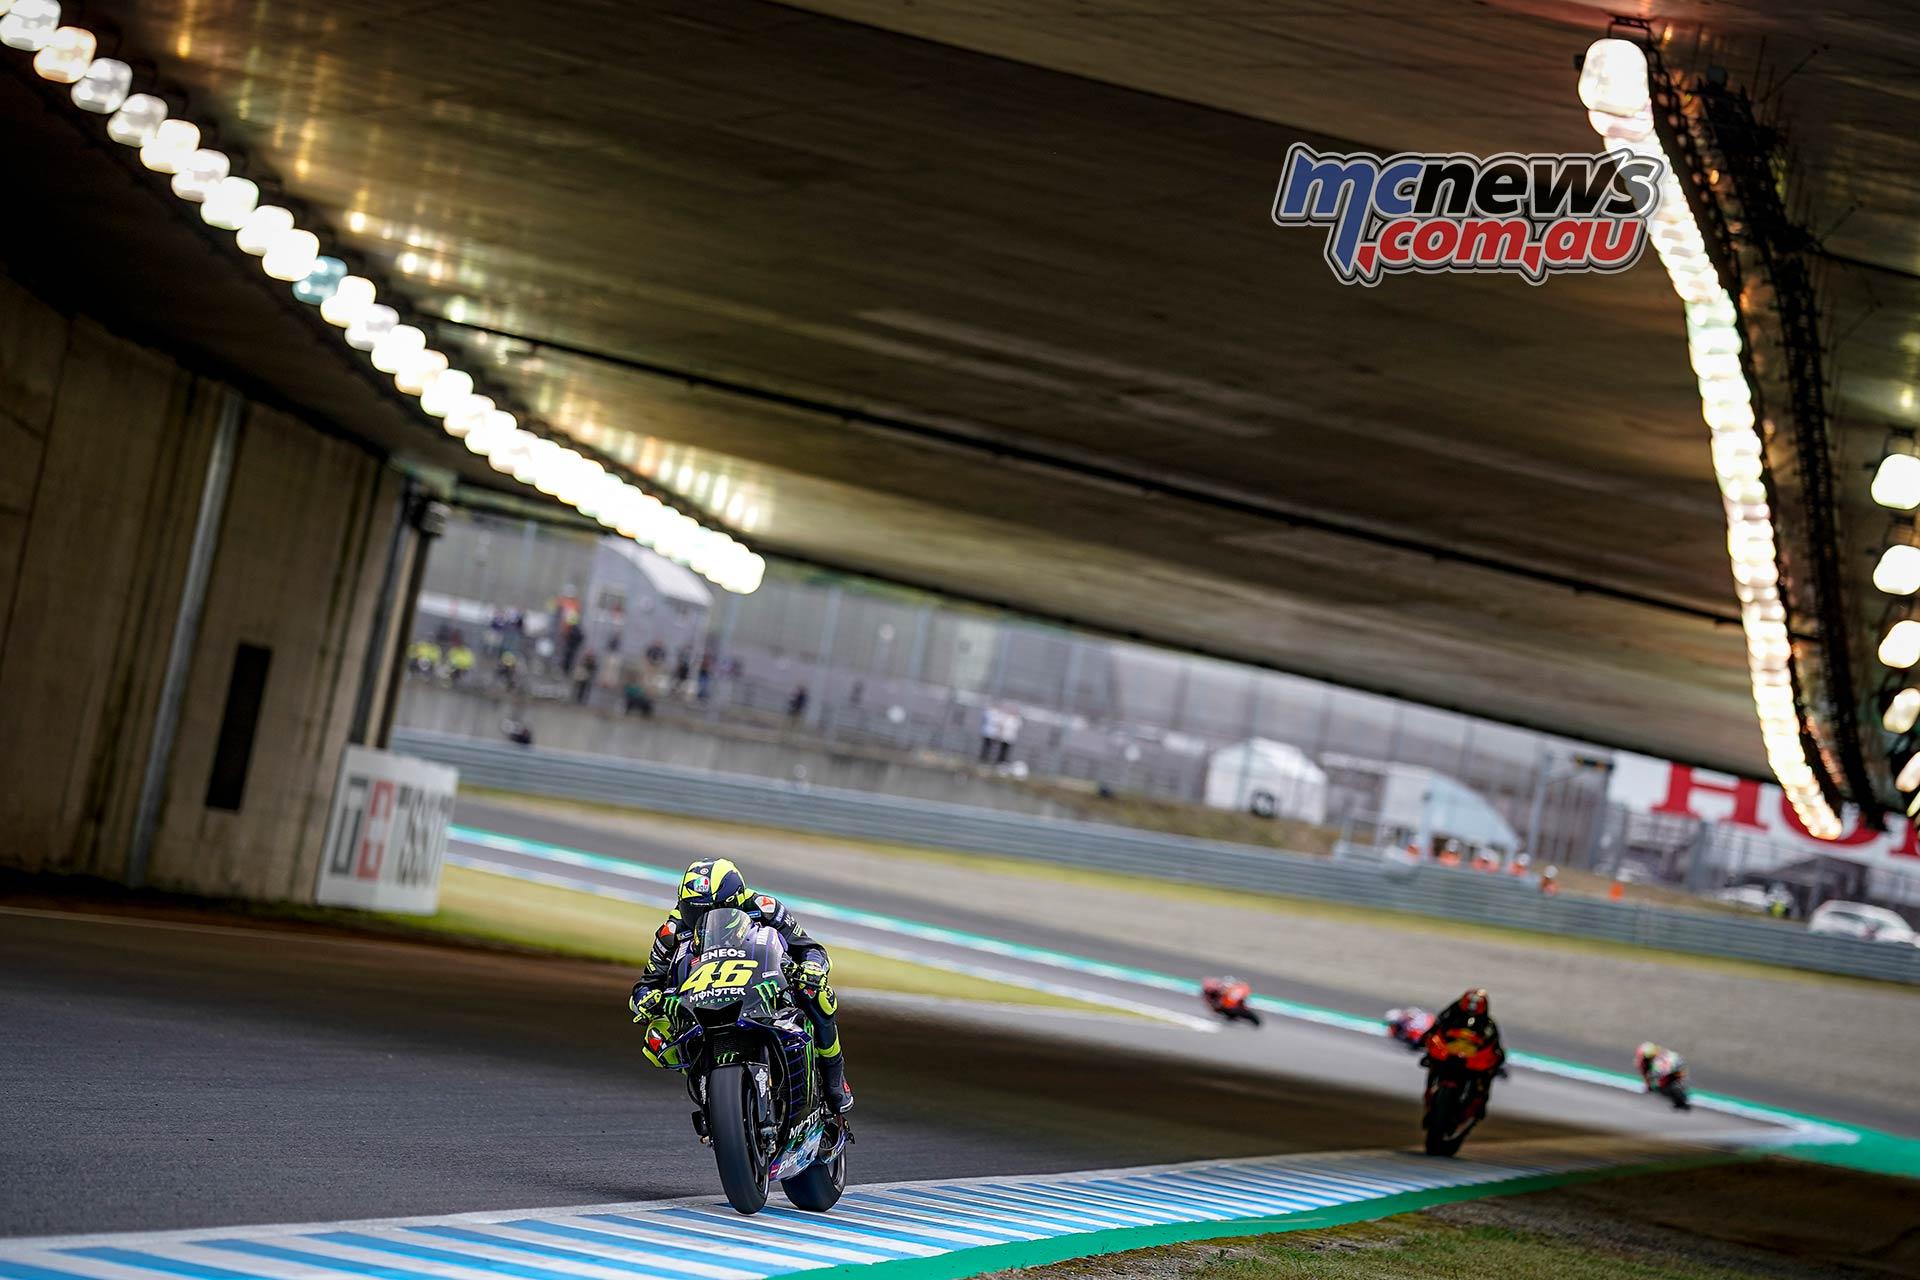 MotoGP Motegi Rossi Kallio